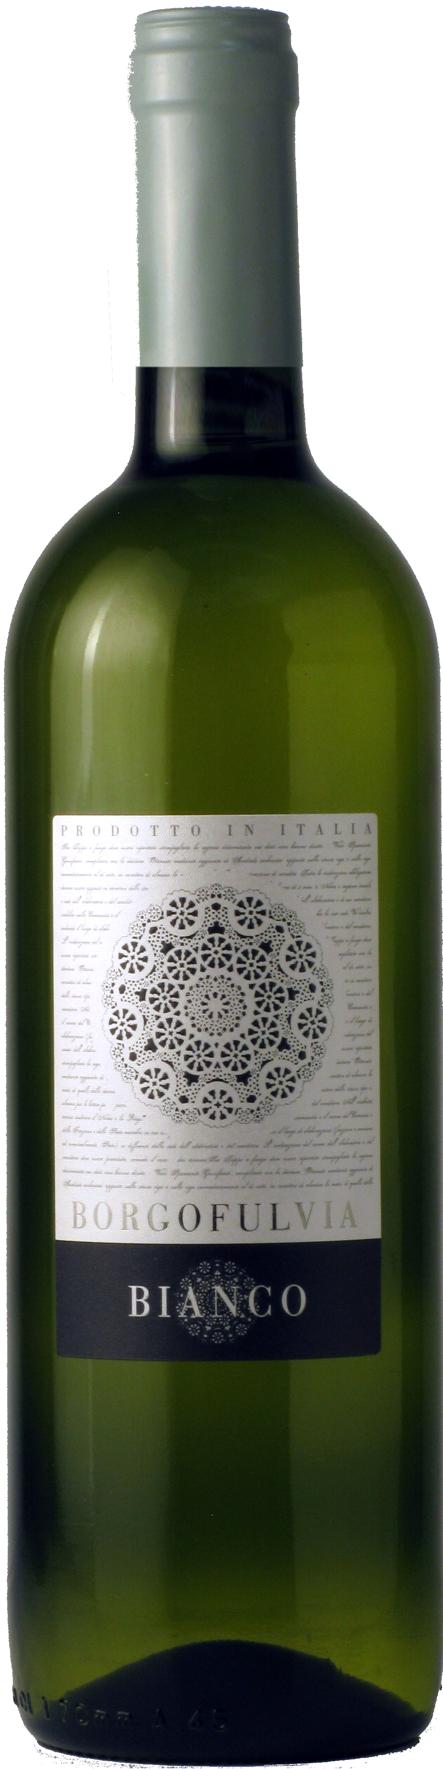 Borgofulvia Bianco, 2018, Emilia-Romagna, Italië, Witte wijn